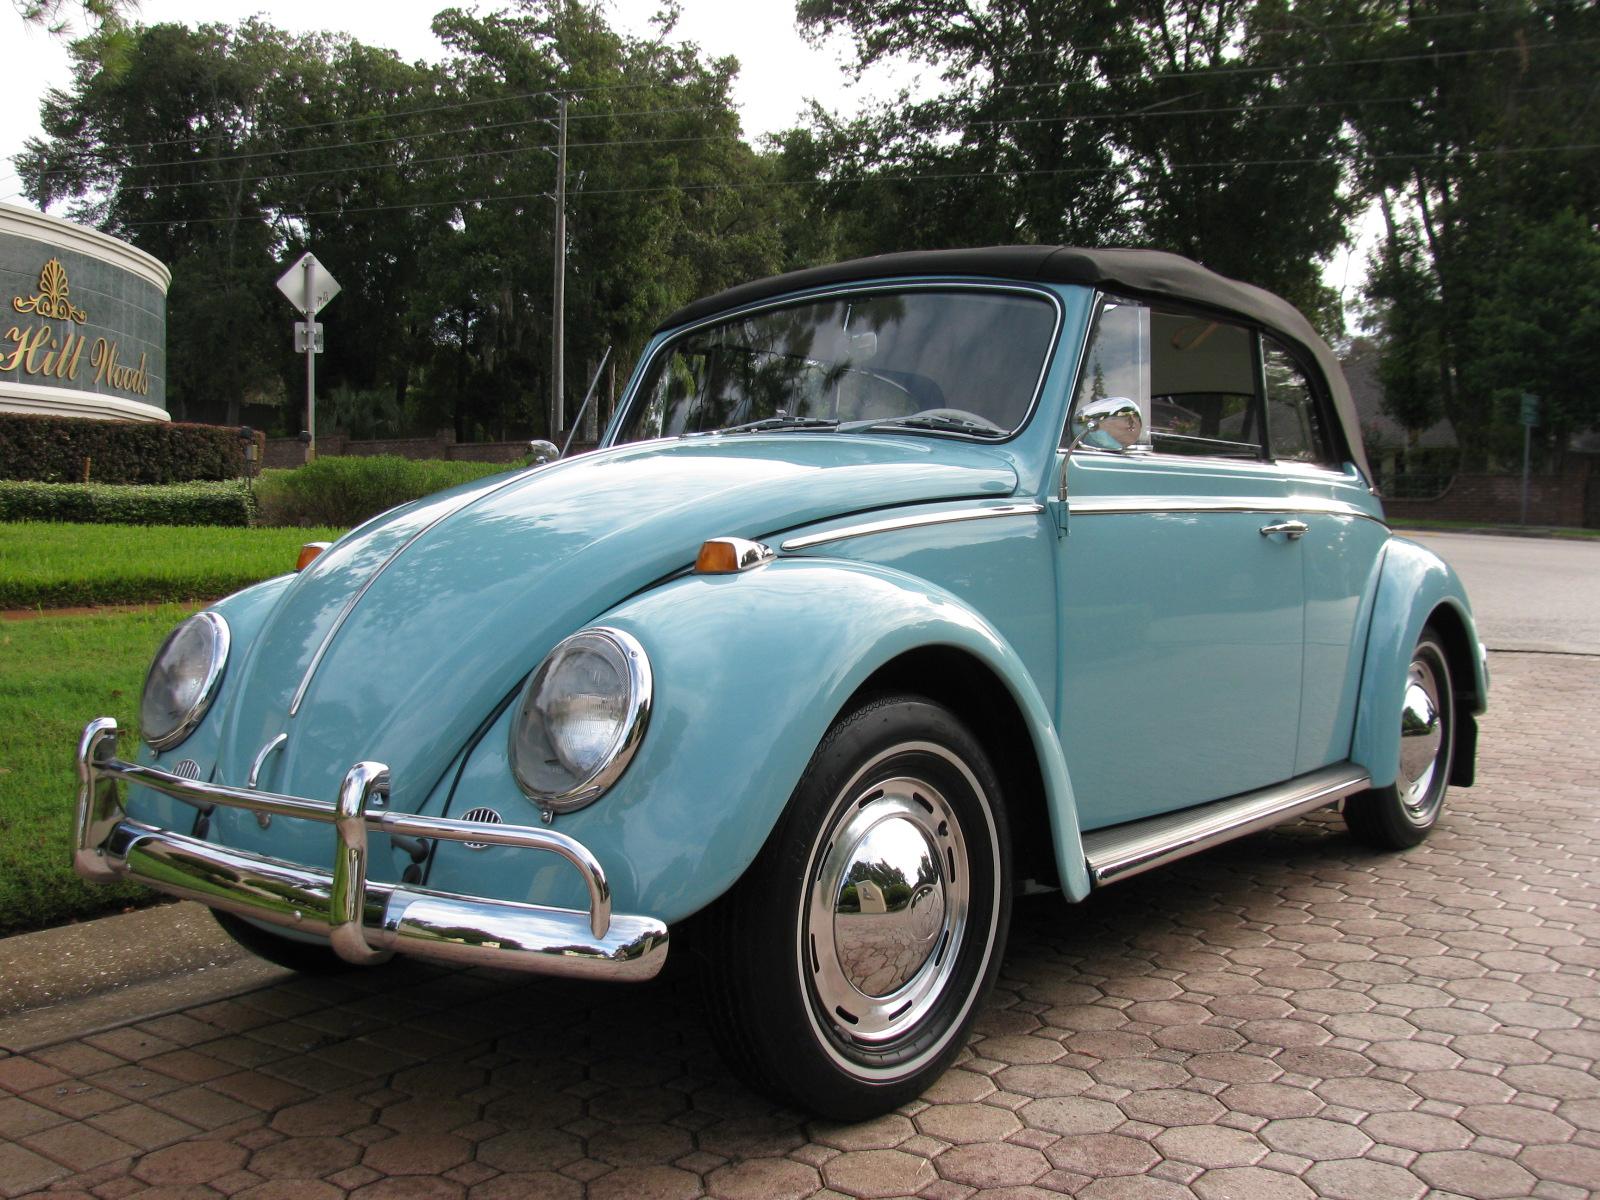 1965 Volkswagen Bug Convertible Sold Vantage Sports